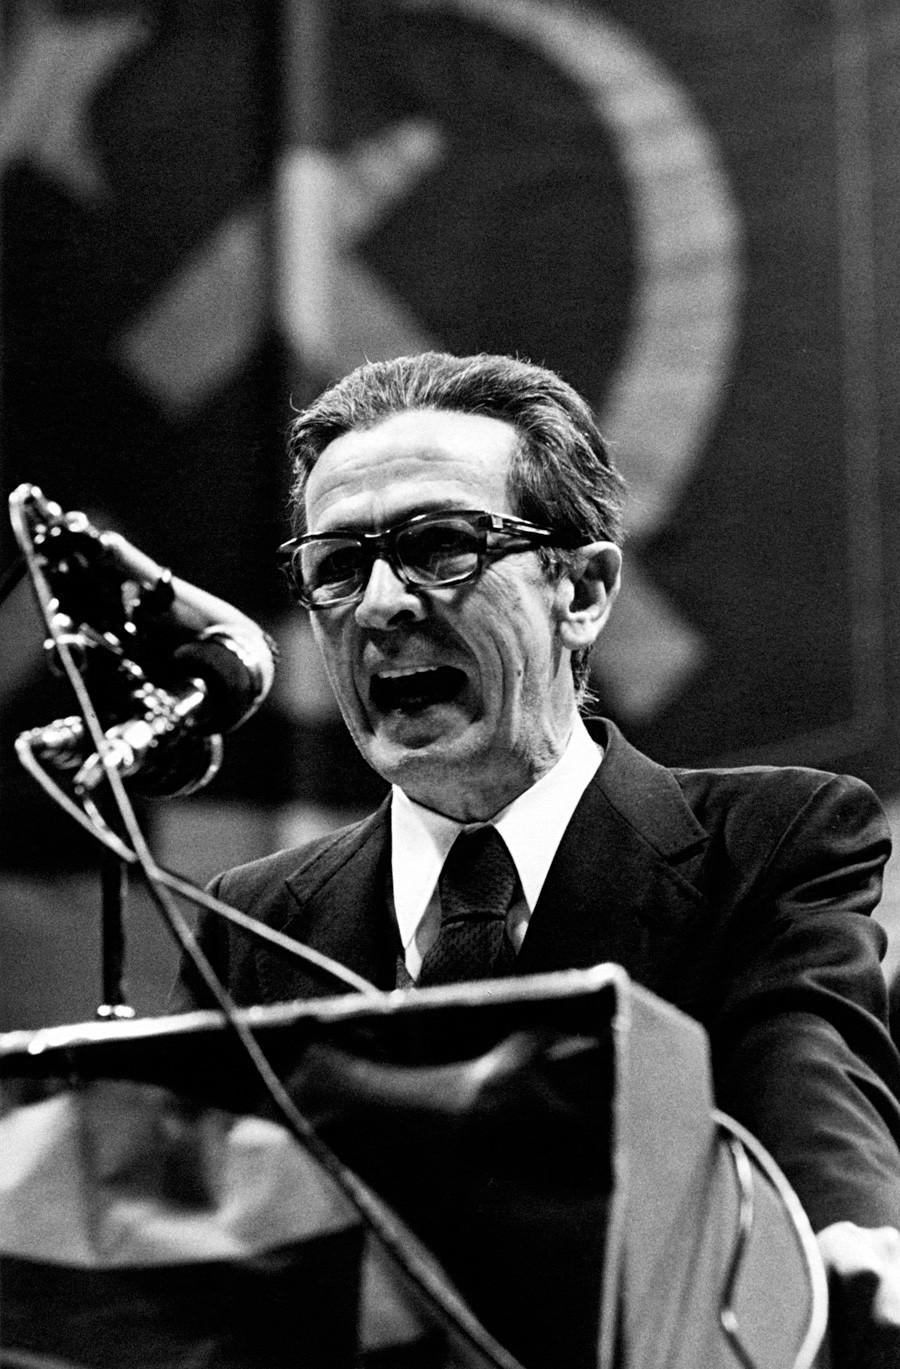 Секретарят на италианската комунистическа партия Енрико Берлингуер, който става причина партията му да обърне гръб на СССР, говори на среща през 1980-те.